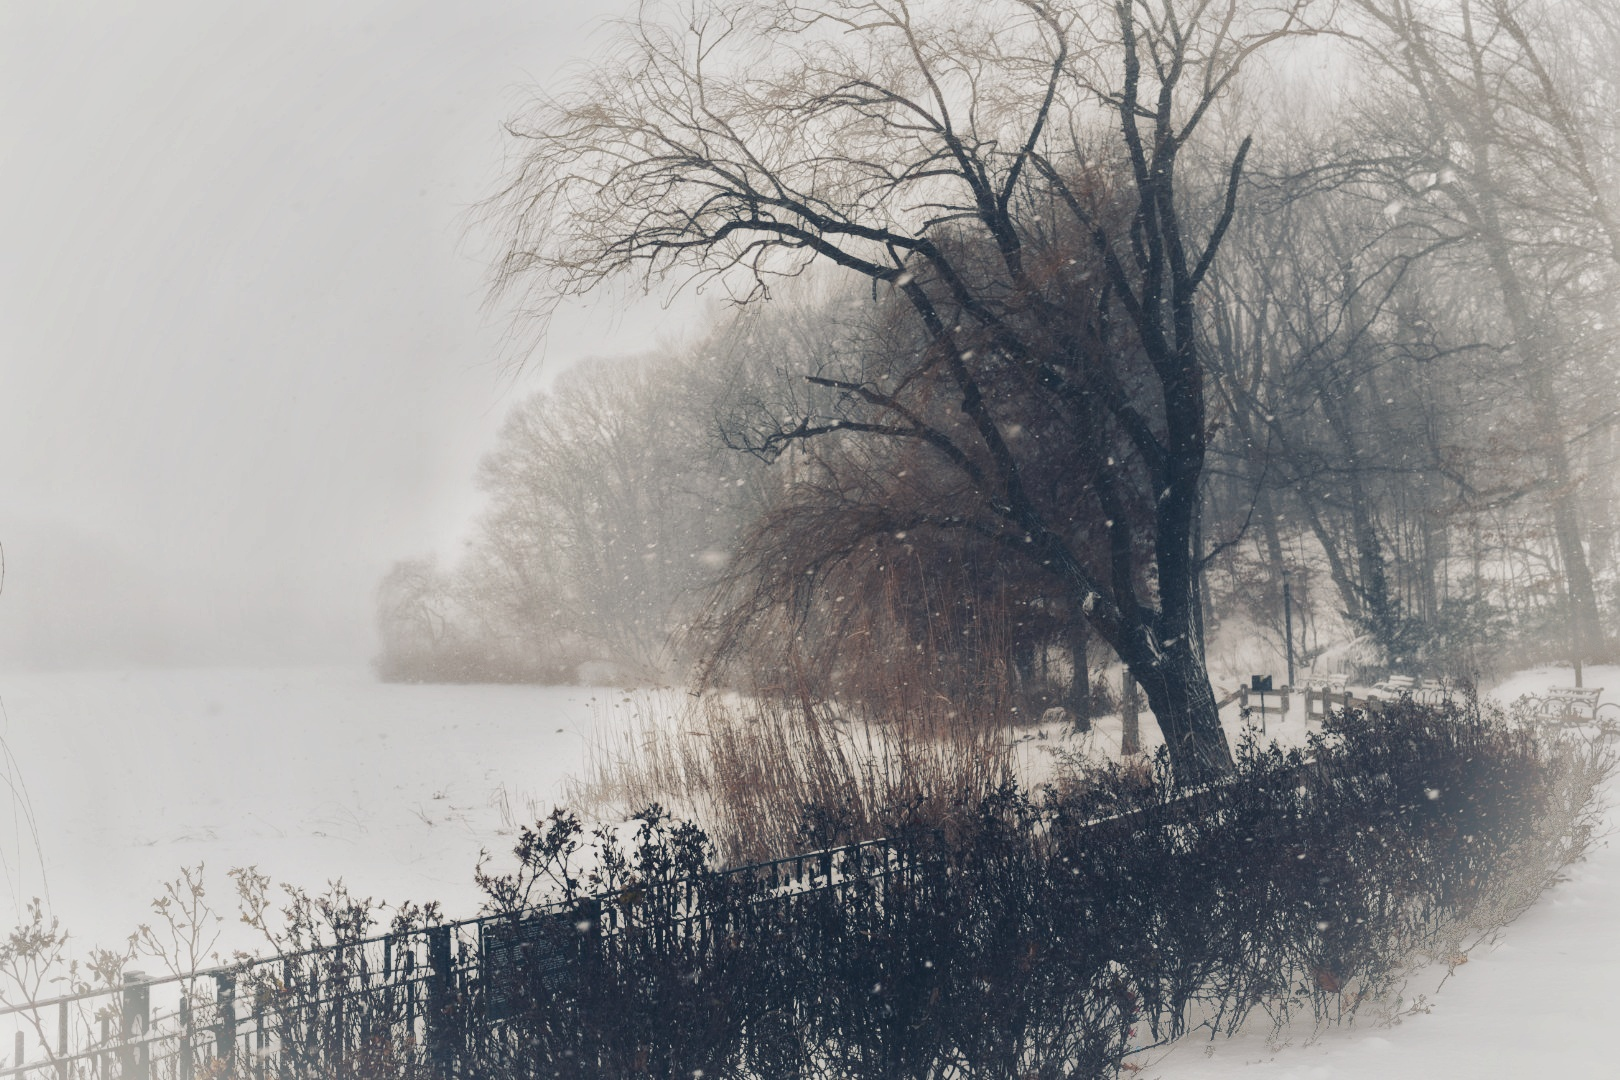 頂著酷寒,精受著報風雪的樹。(網友笨小孩@紐約皇后區Oakland Lake)